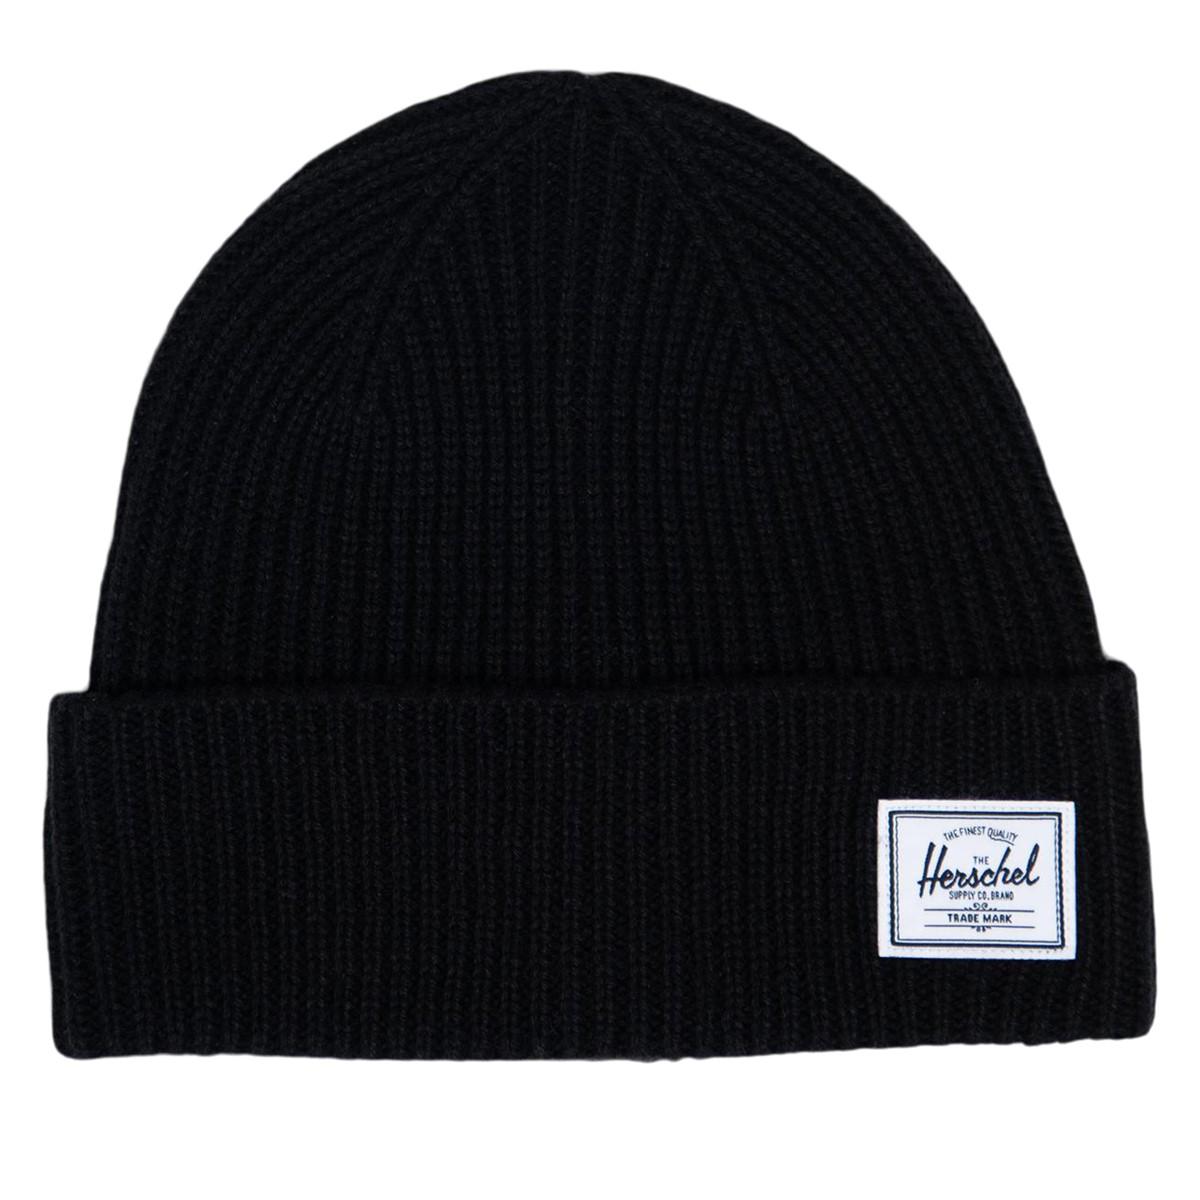 Polson Beanie in Black